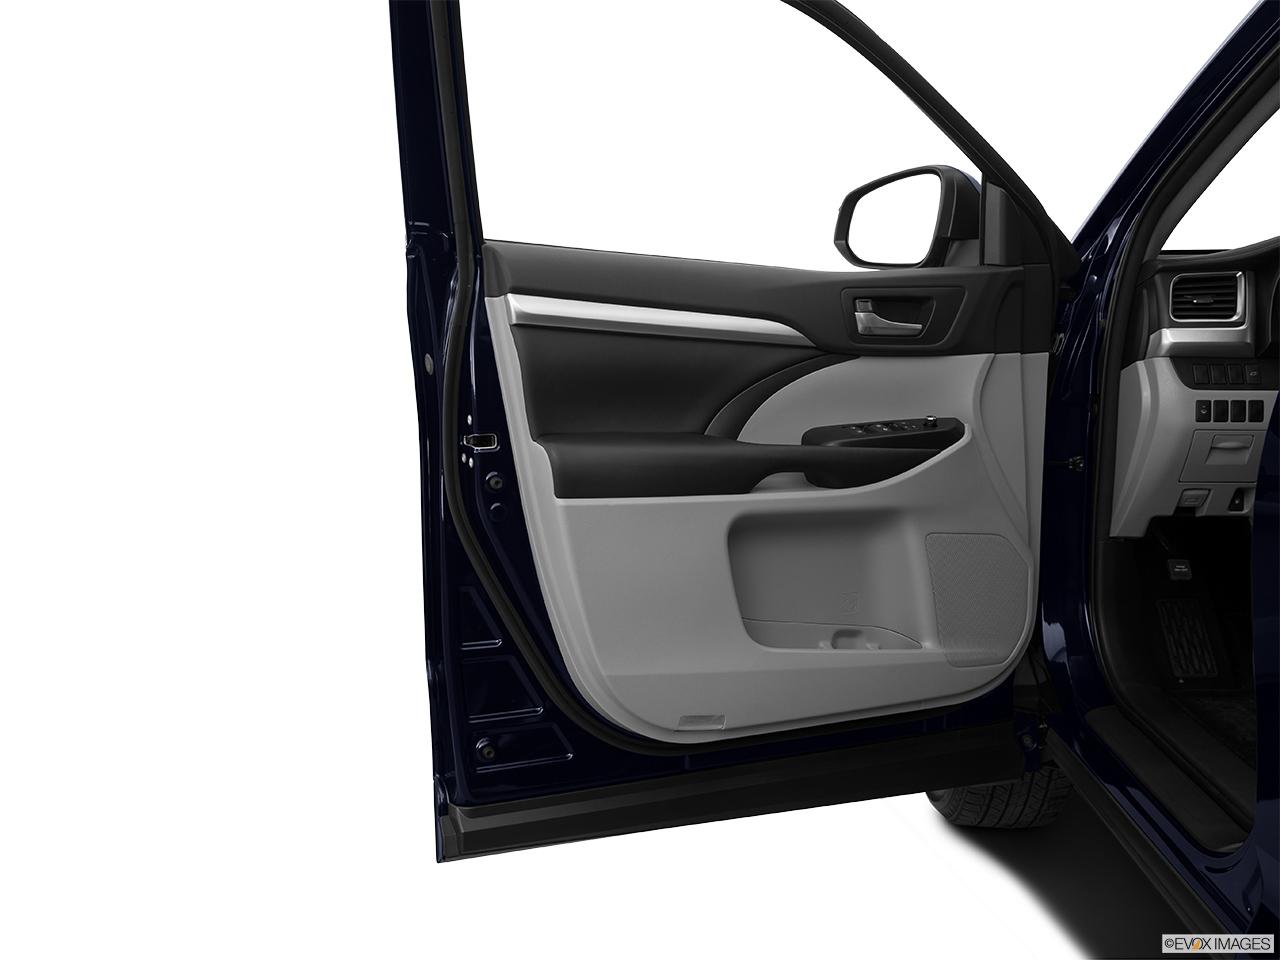 2015 Toyota Highlander Awd 4 Door V6 Xle Inside Of